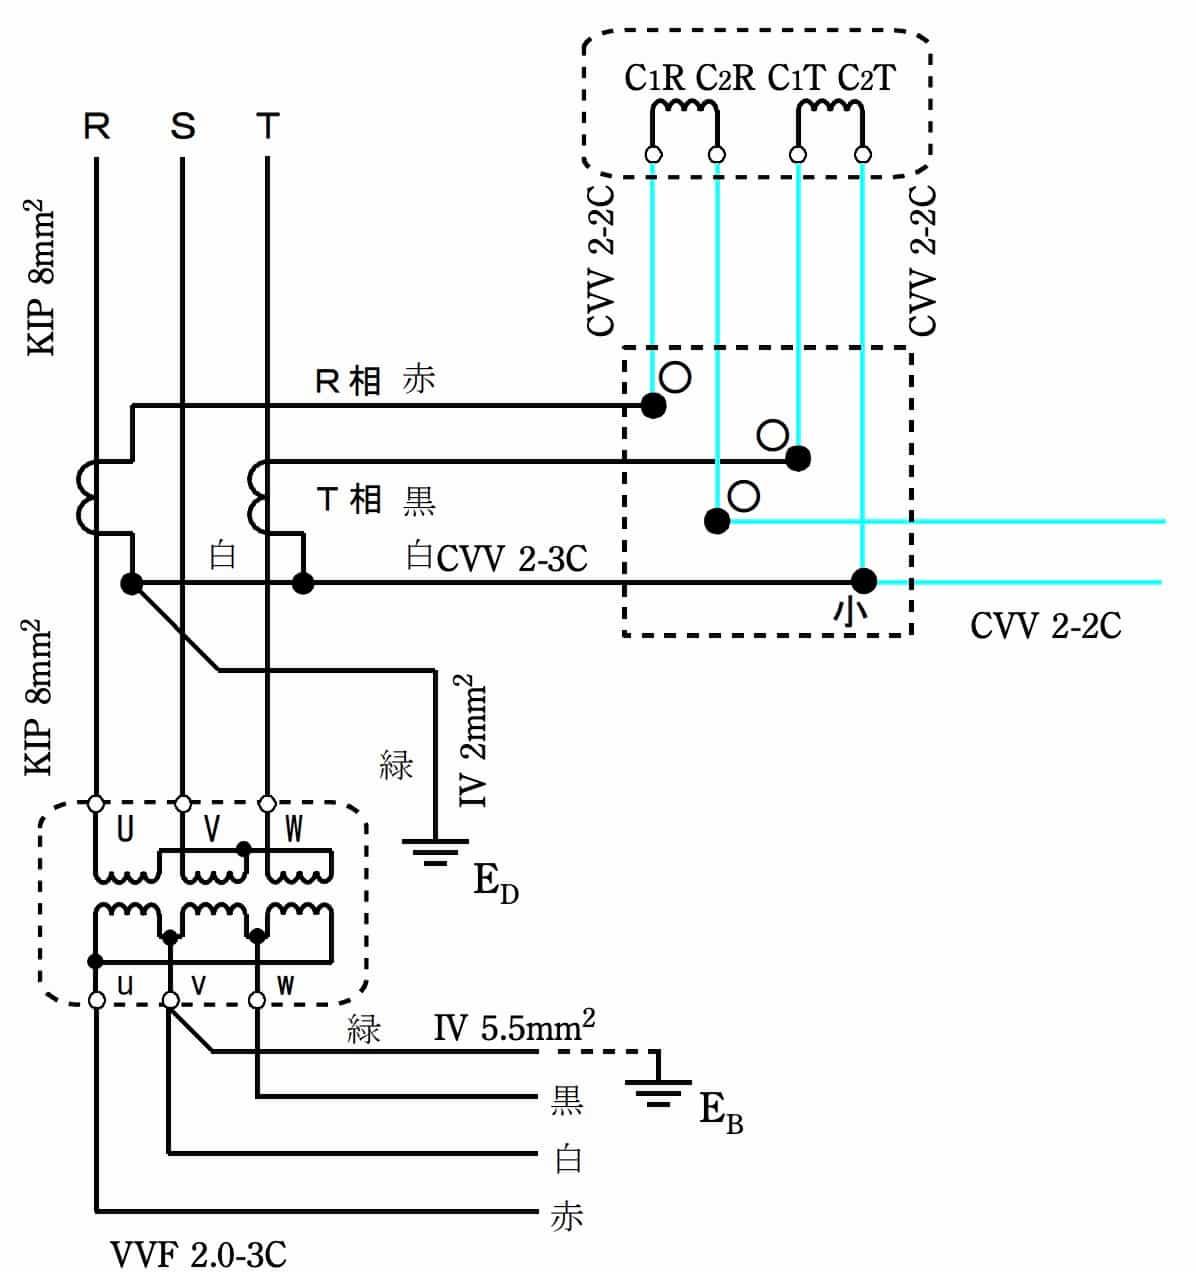 第一種電気工事士の技能試験の試験問題No.7の複線図